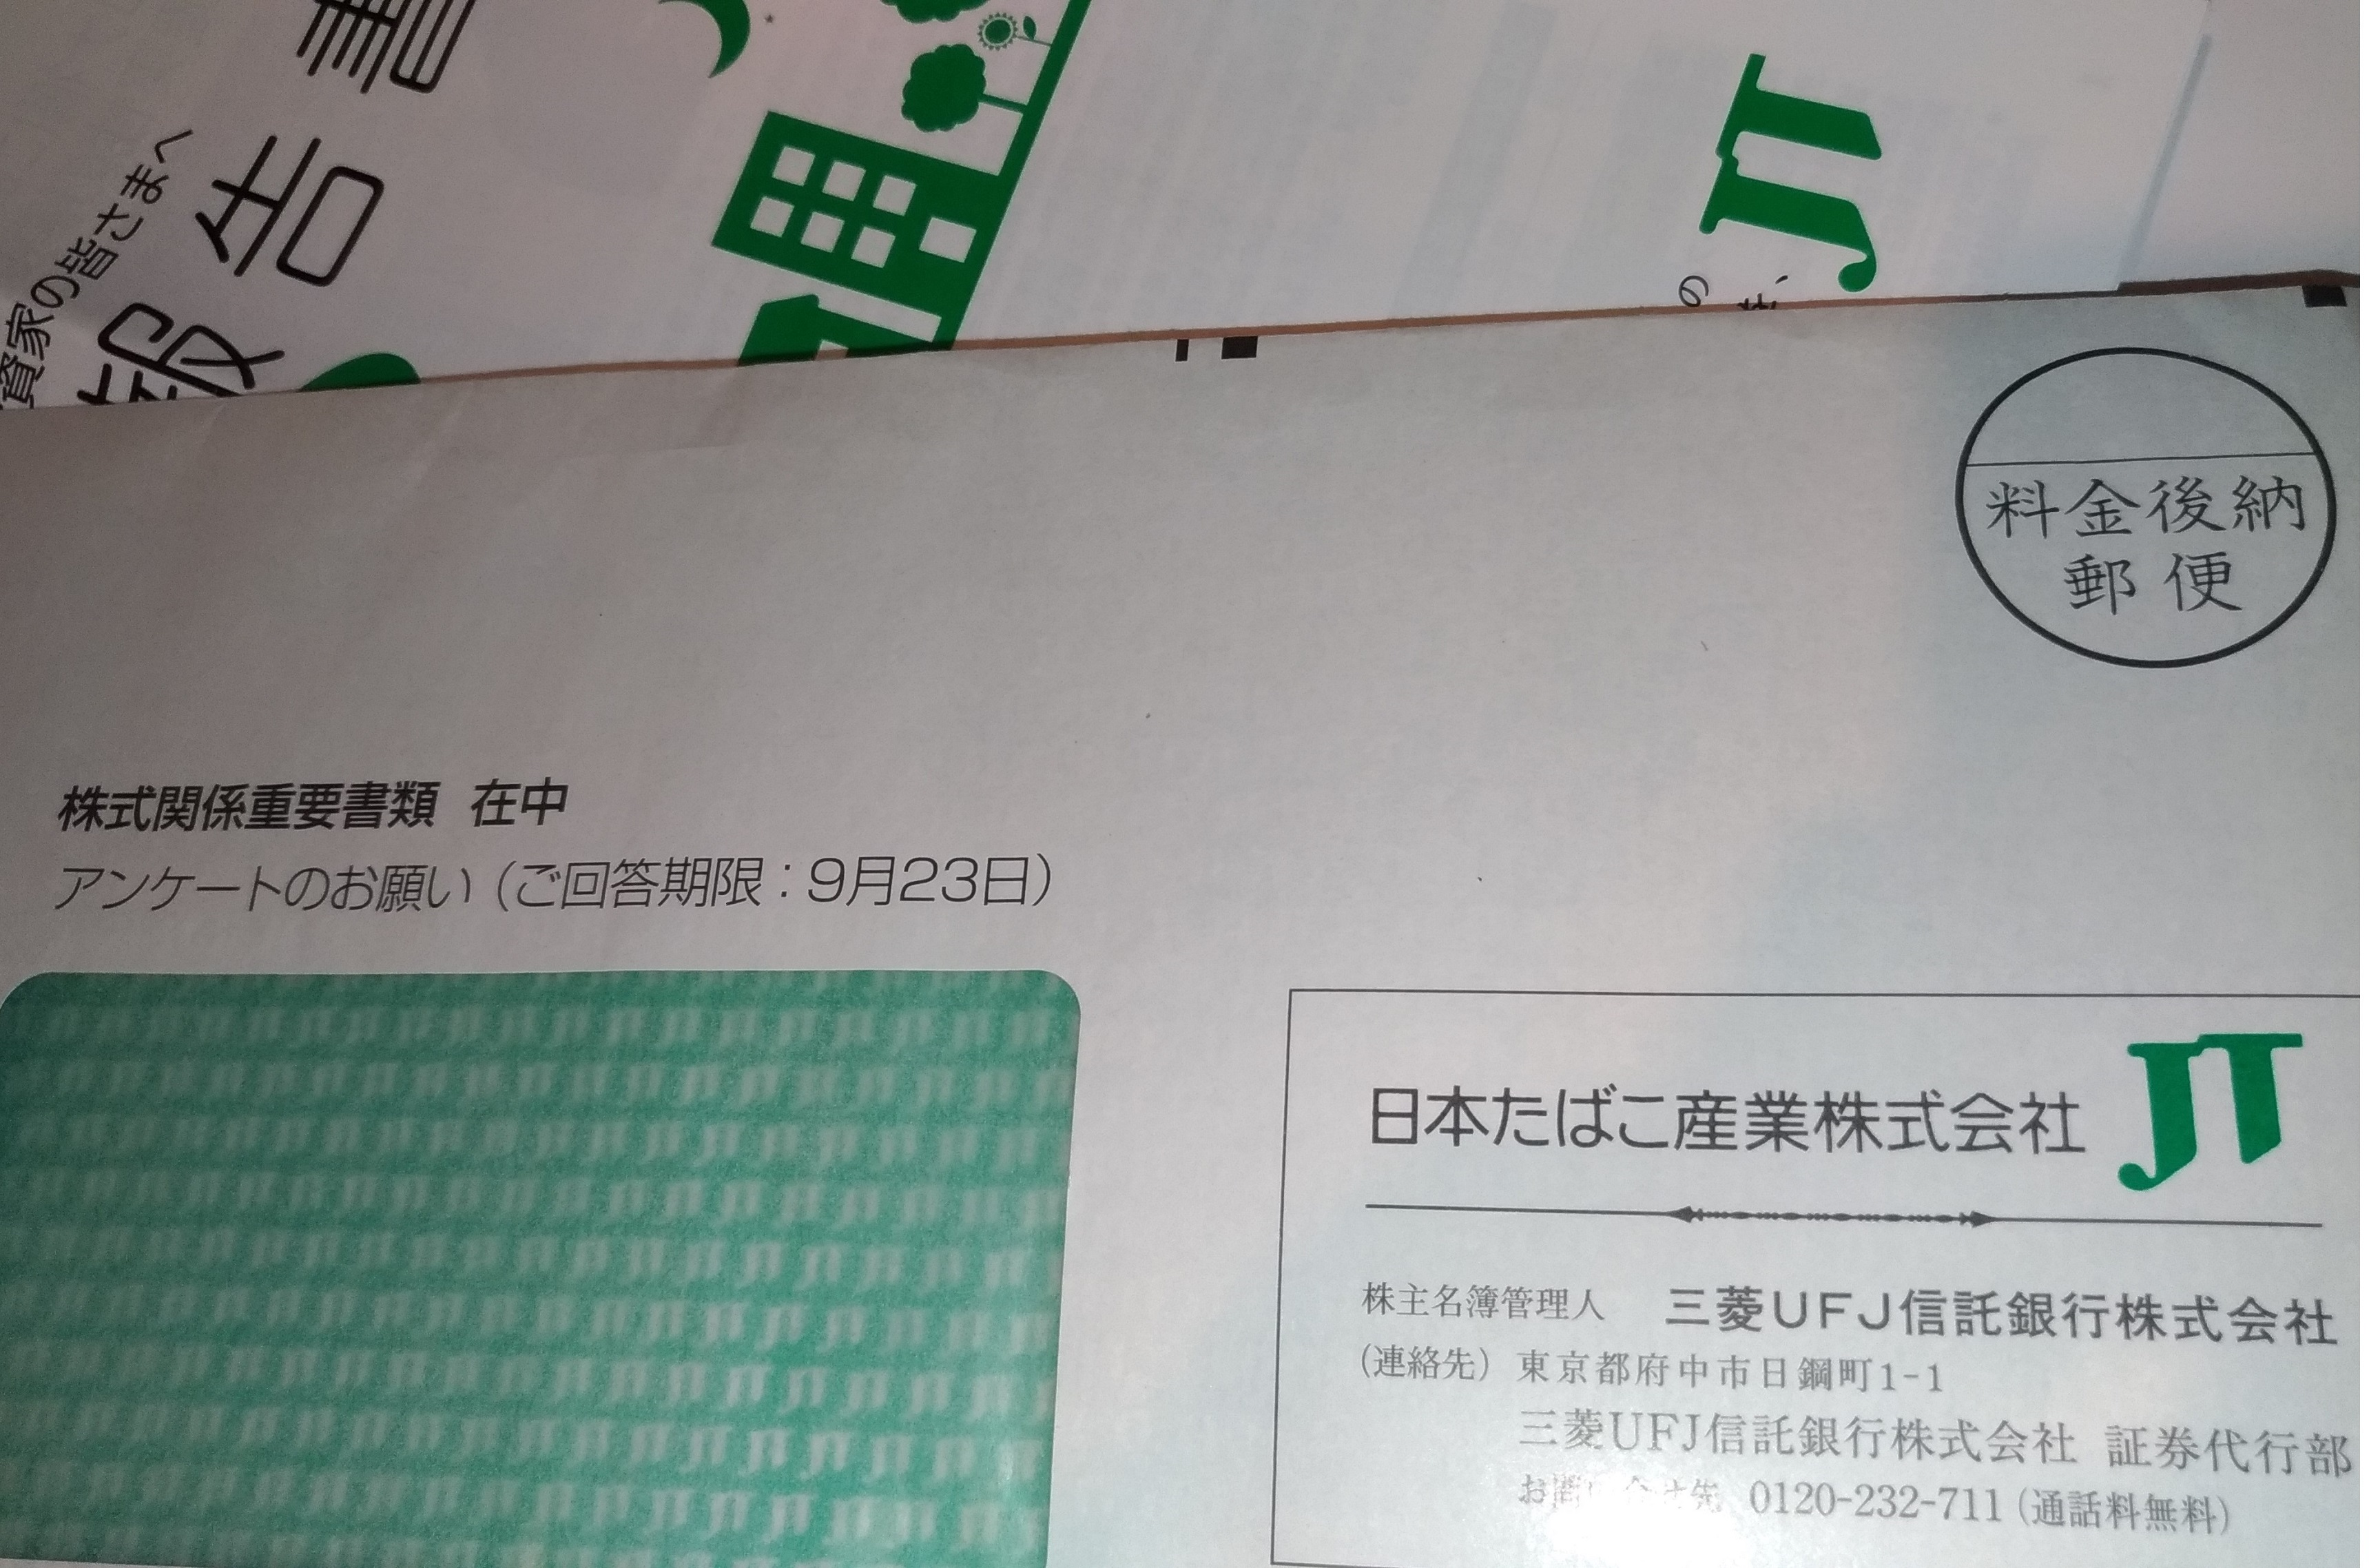 haito_JT_kabu_2020_09_01_2.jpg